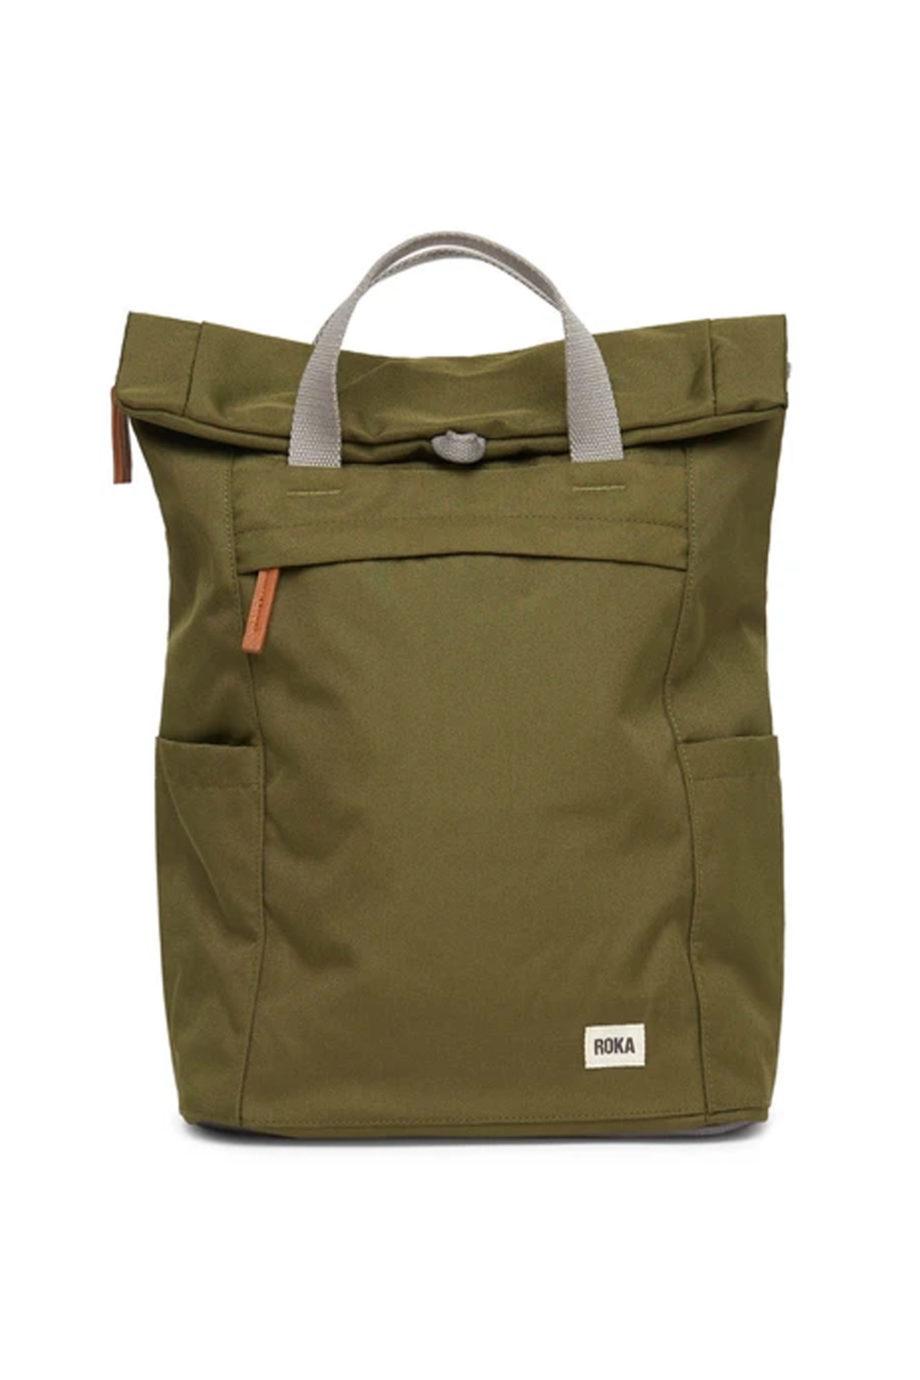 ROKA-FINCHLEY-mochila-sostenible-pequeña-MOSS